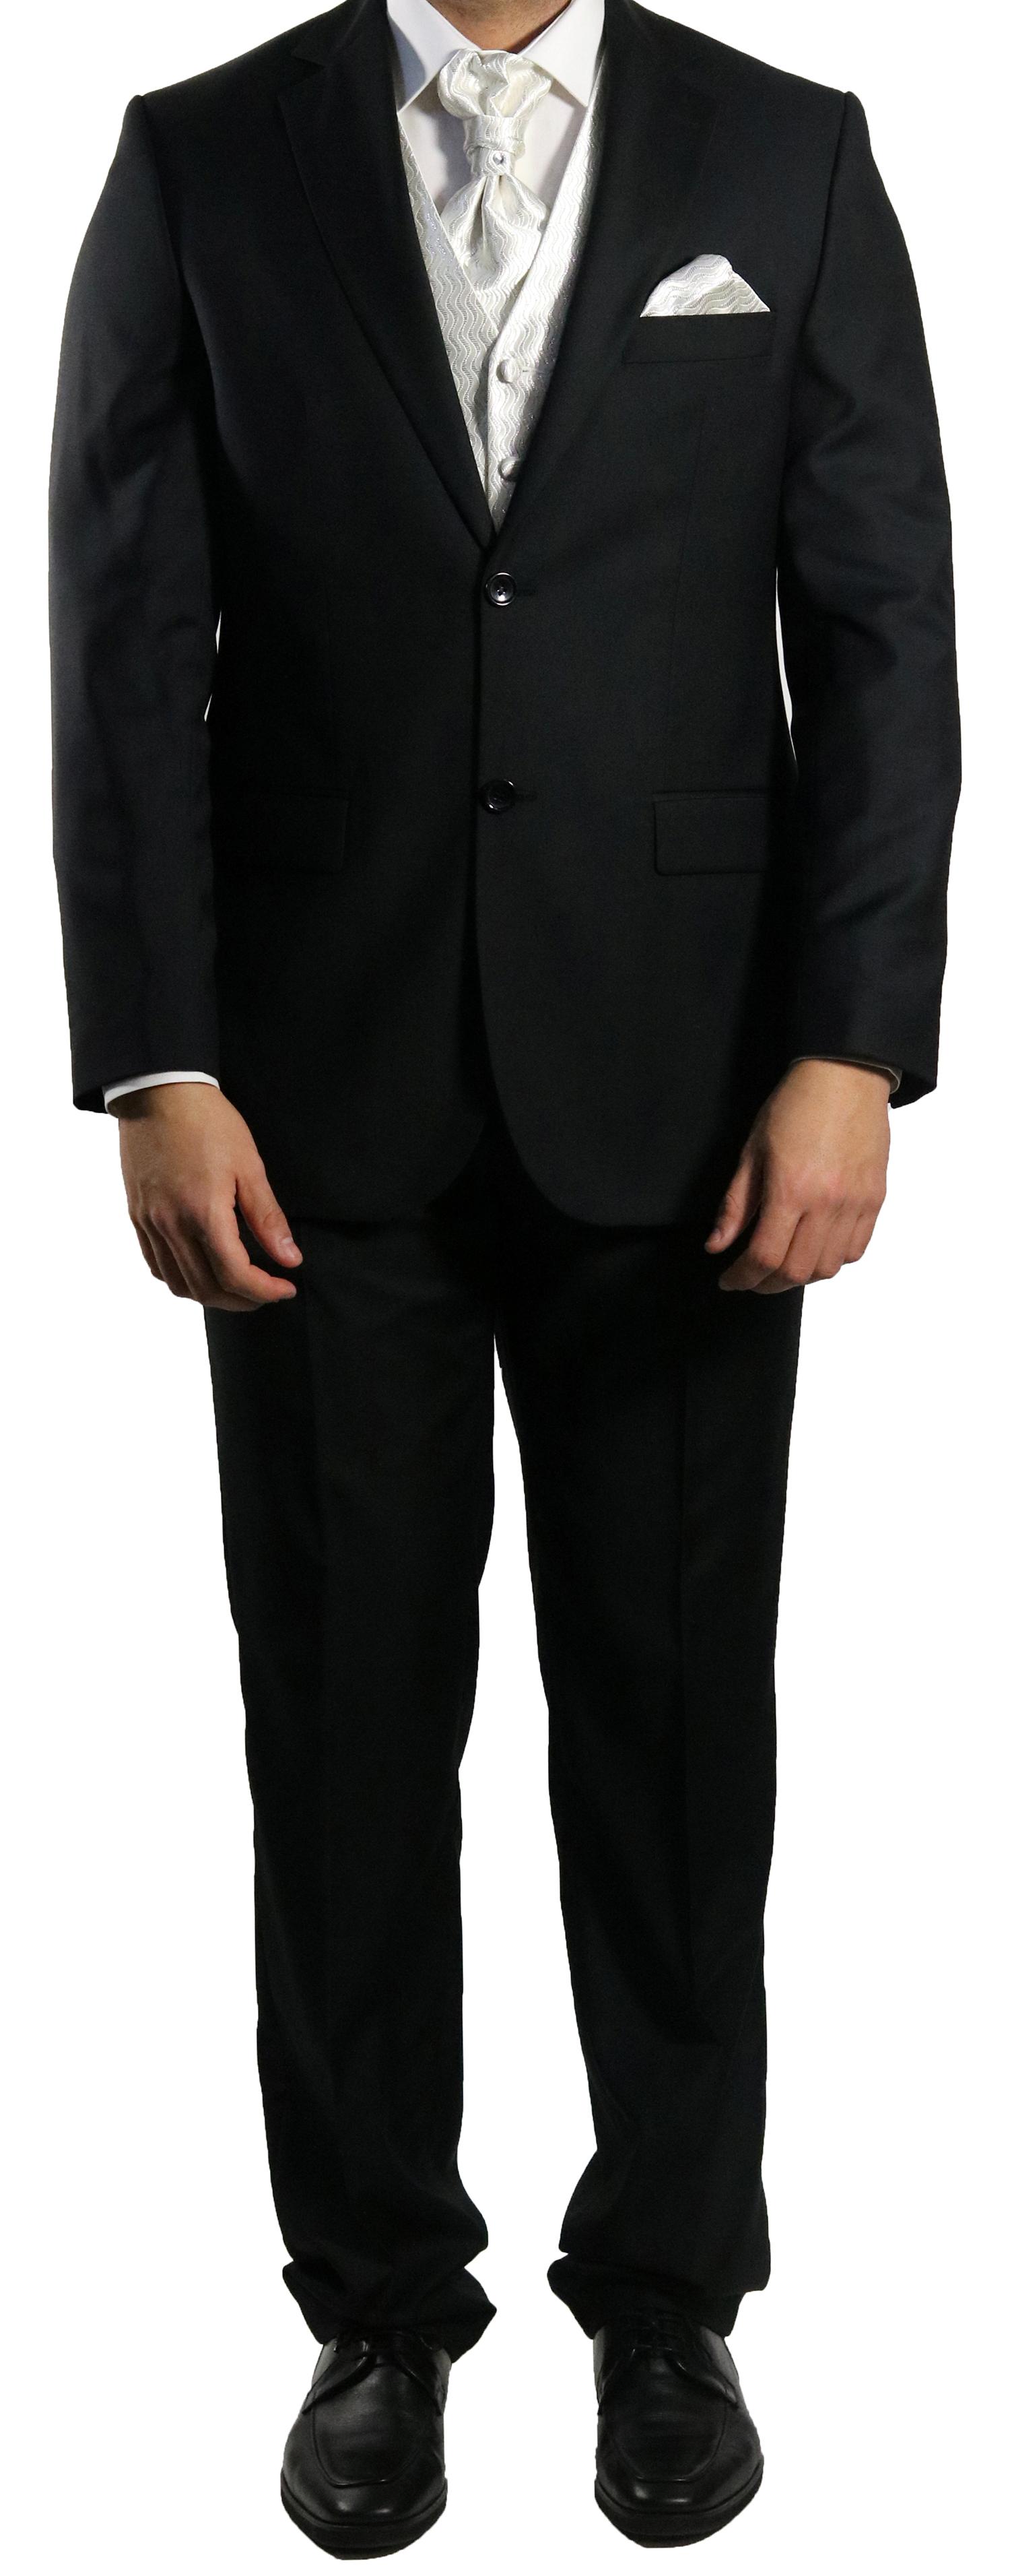 Muga Make Up Guru Africa: Muga Homme Gilet-Cravat30